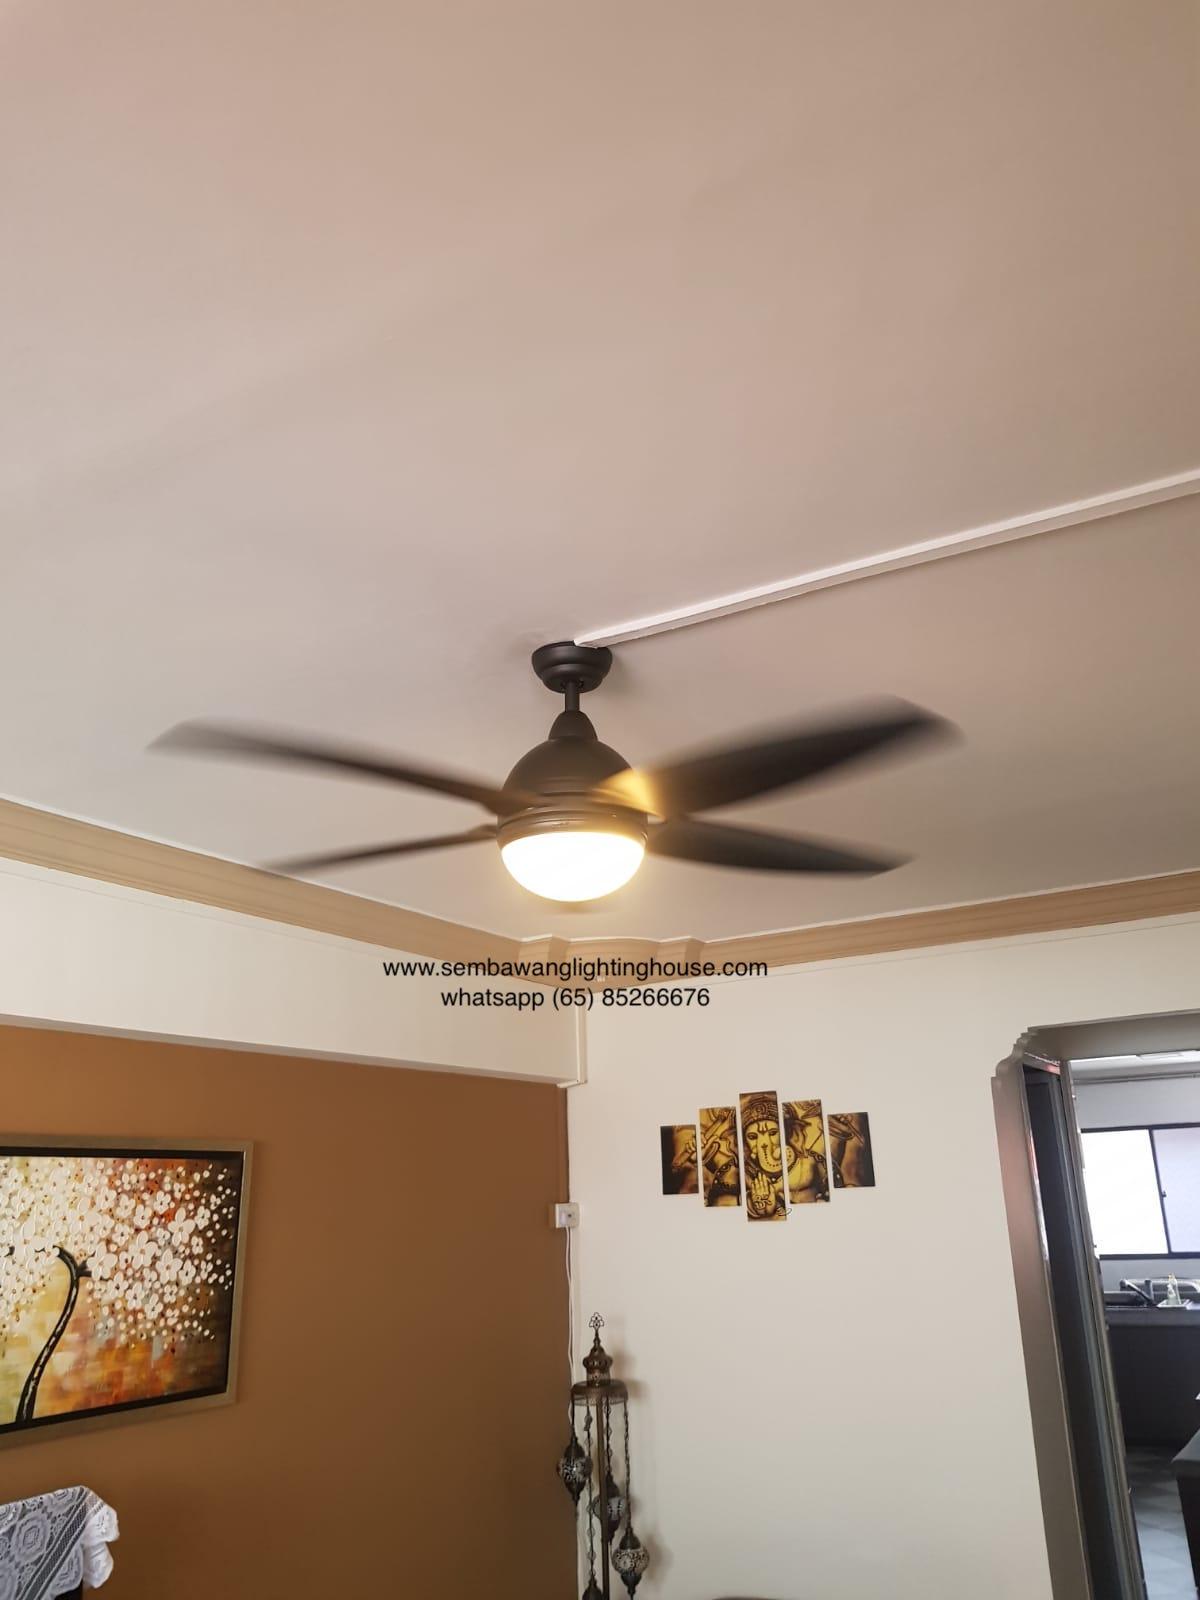 sample-09-samaire-sa575-matt-black-ceiling-fan-with-light-sembawang-lighting-house.jpg